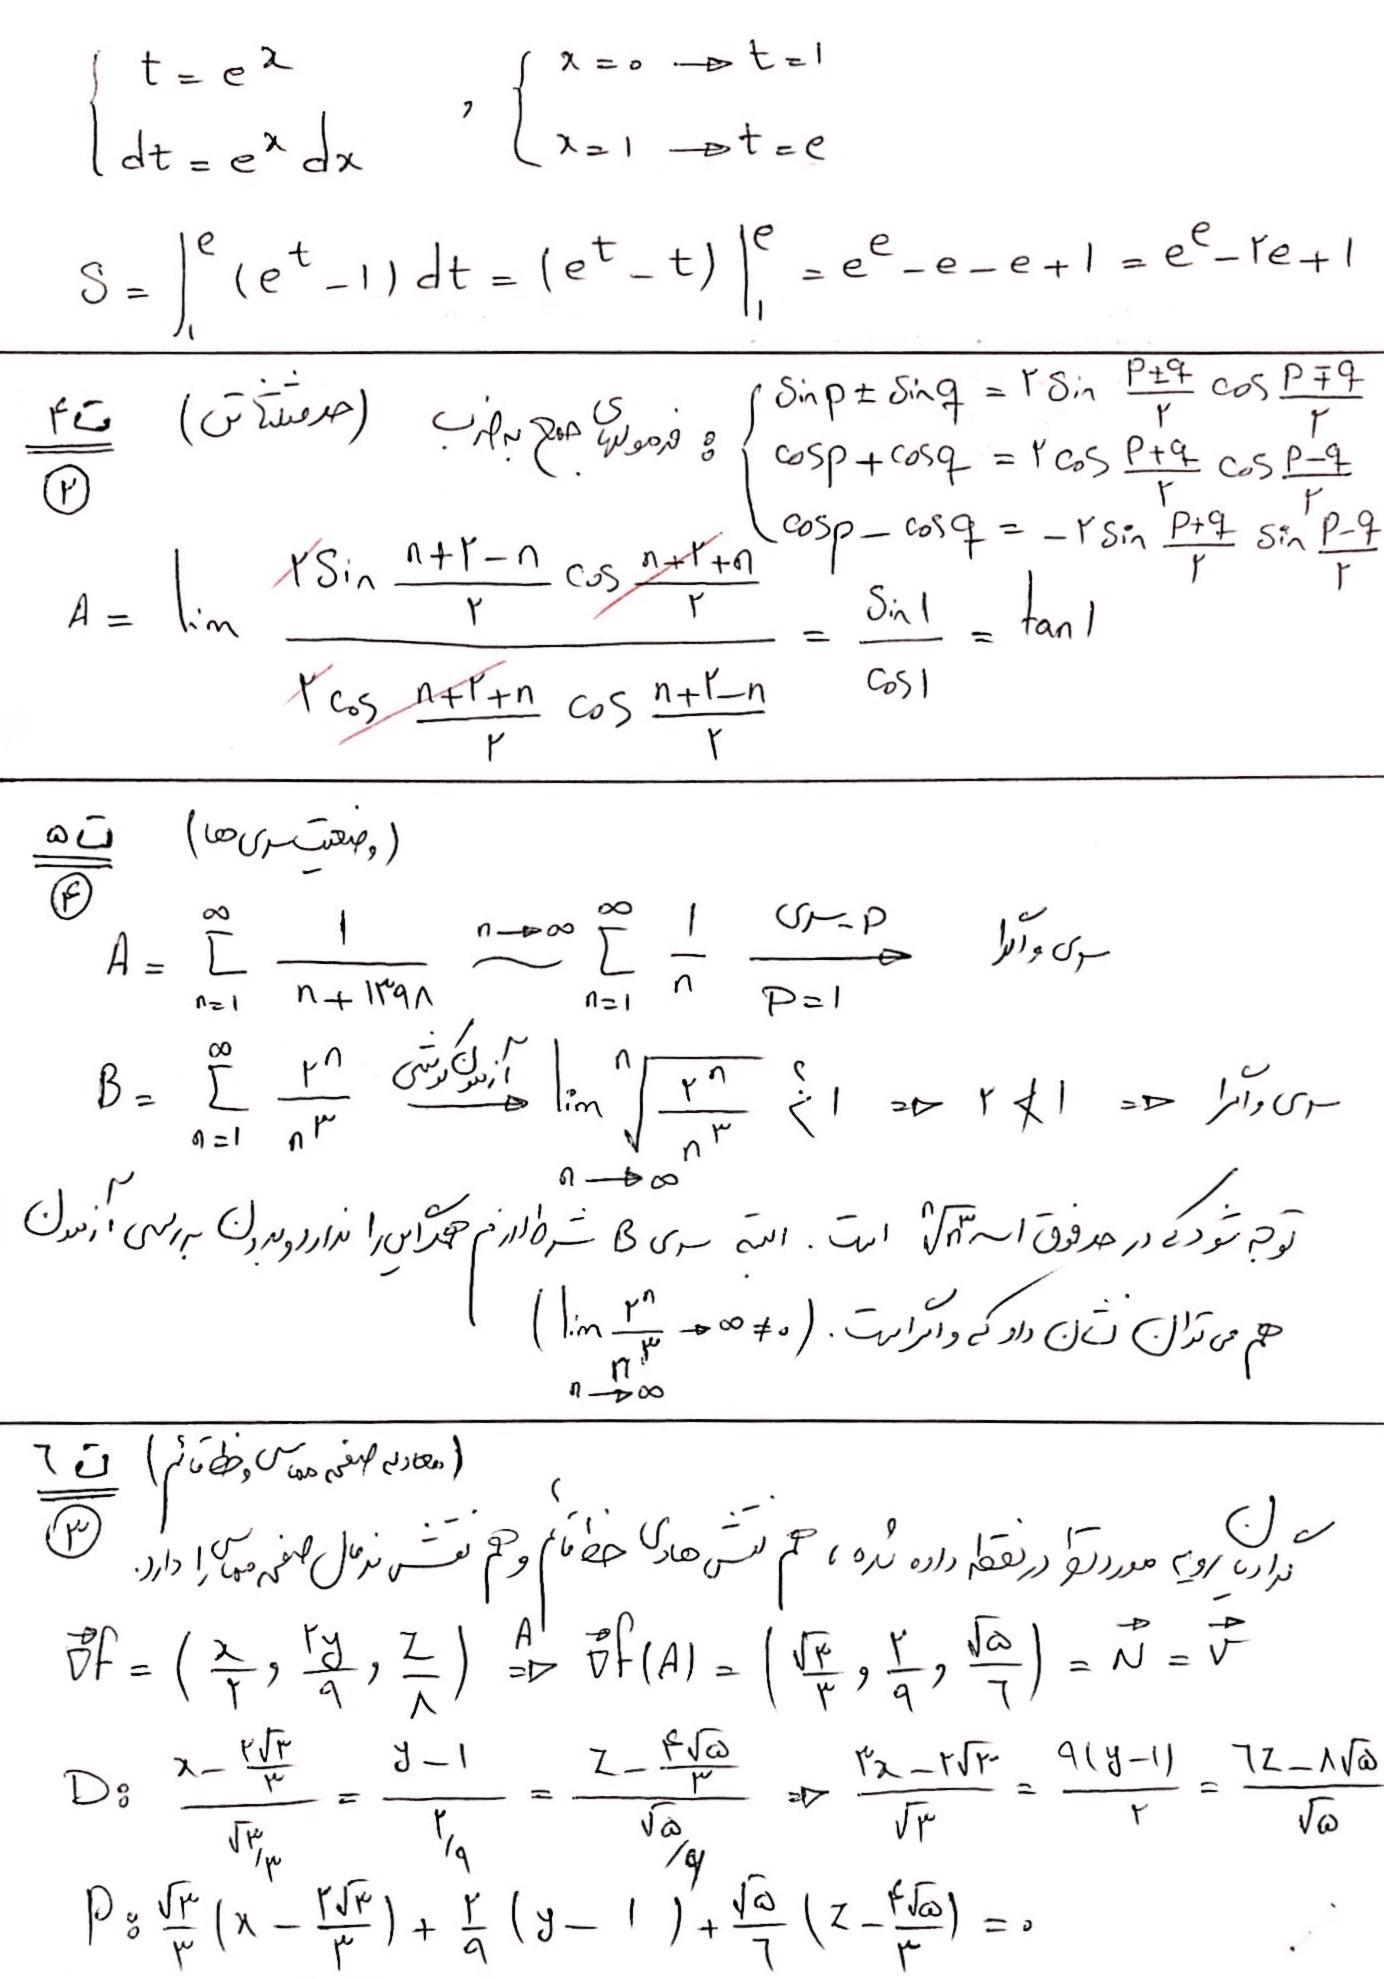 پاسخ عمران و نقشه برداری 98 ریاضی عمومی1و2